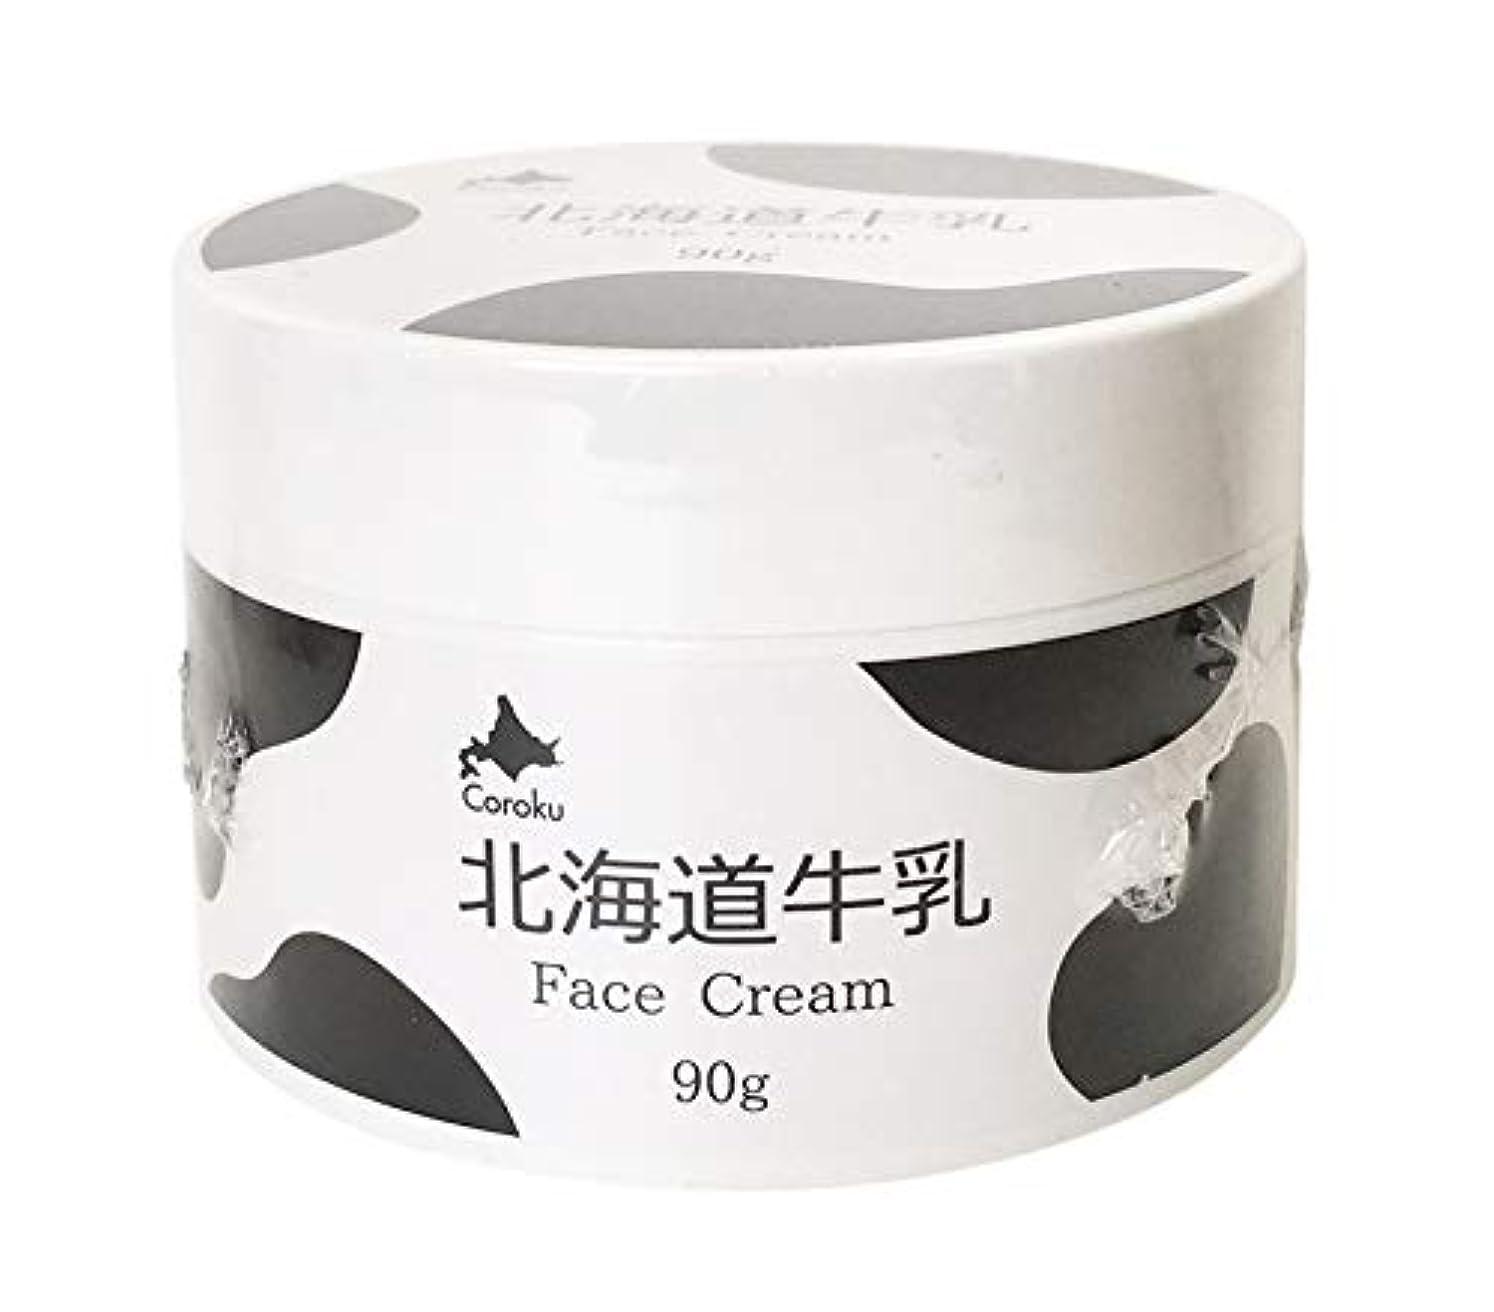 ボトルネックセットアップ年北海道牛乳 フェイスクリーム FACE CREAM 90g